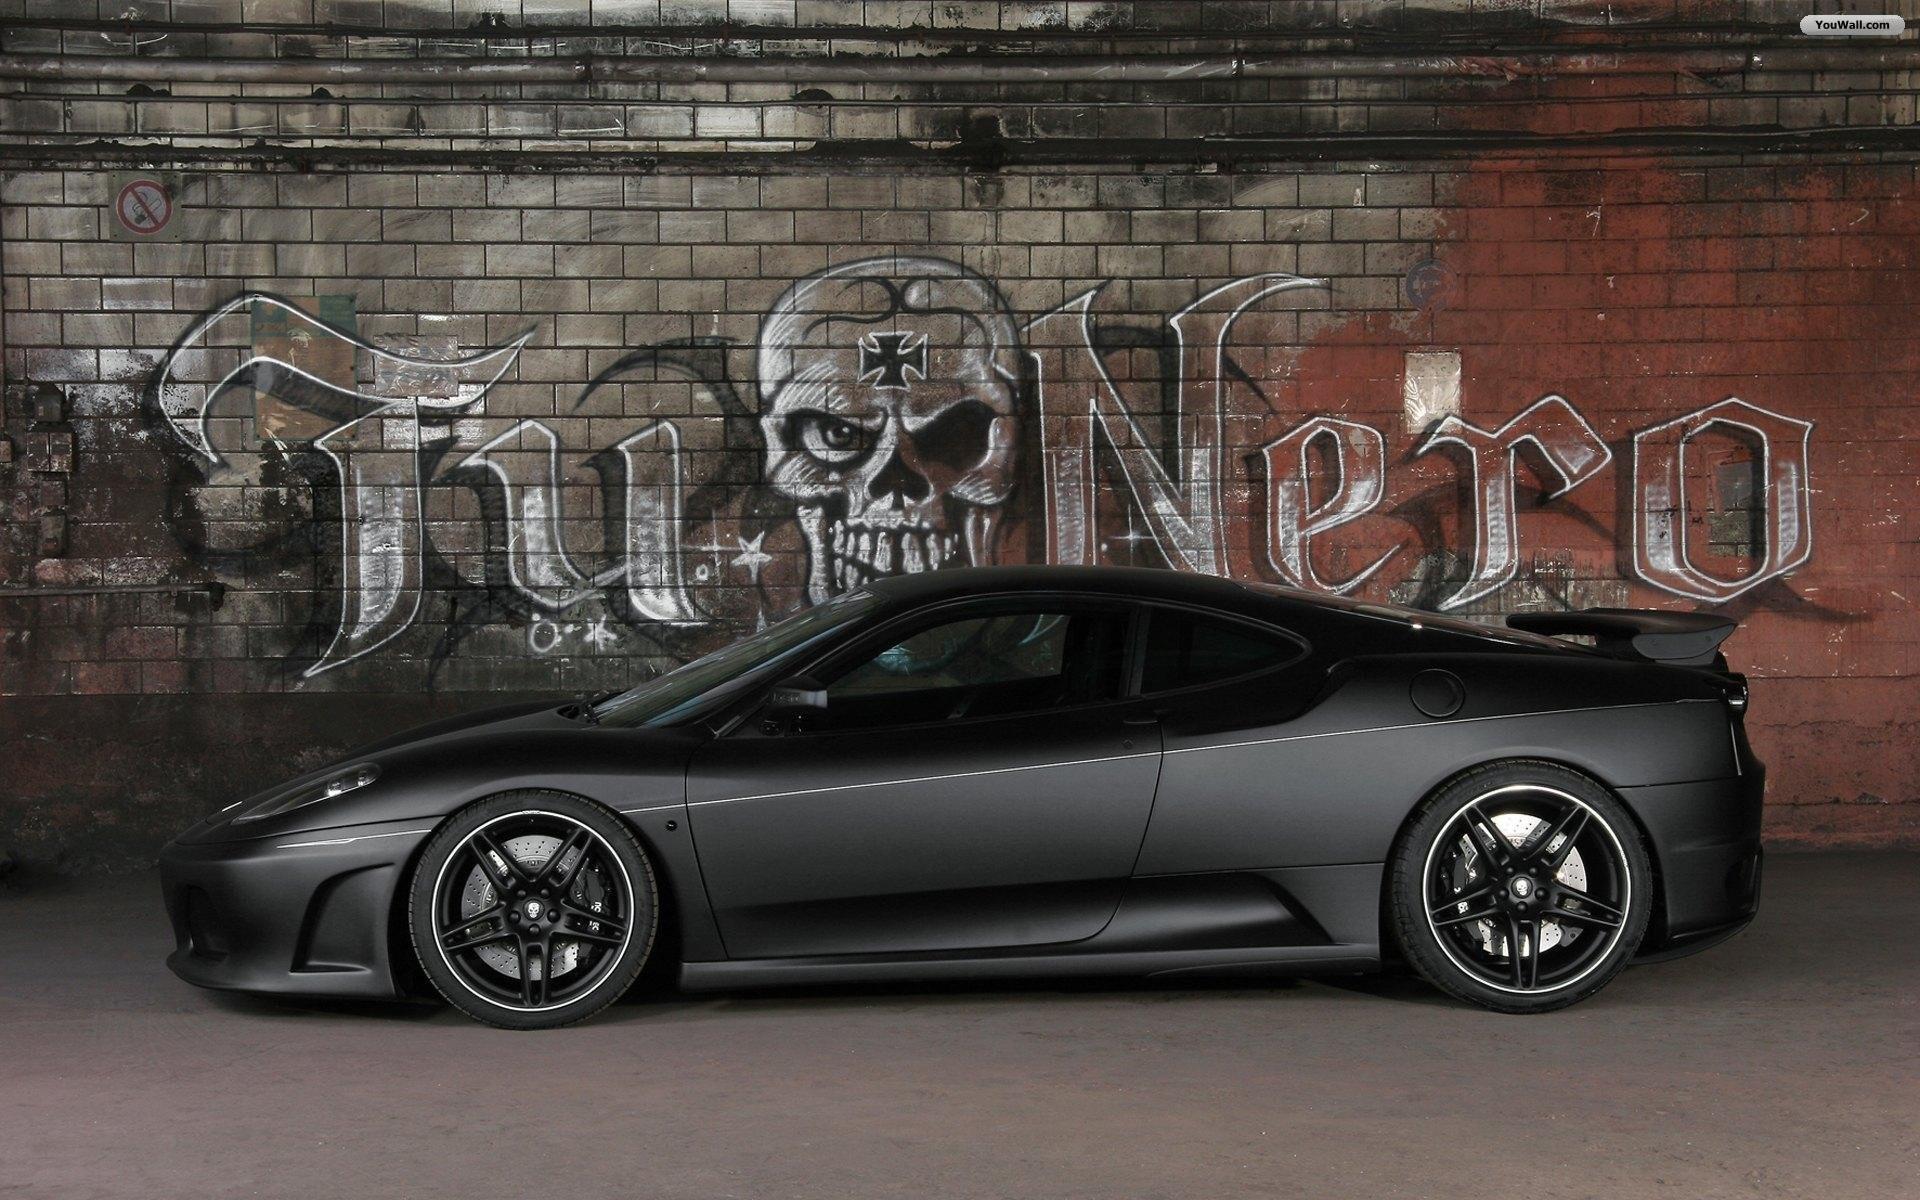 1920x1200 Black Ferrari Wallpaper 1 Free Hd Wallpaper Ferrari Car 1920x1200 Wallpaper Teahub Io